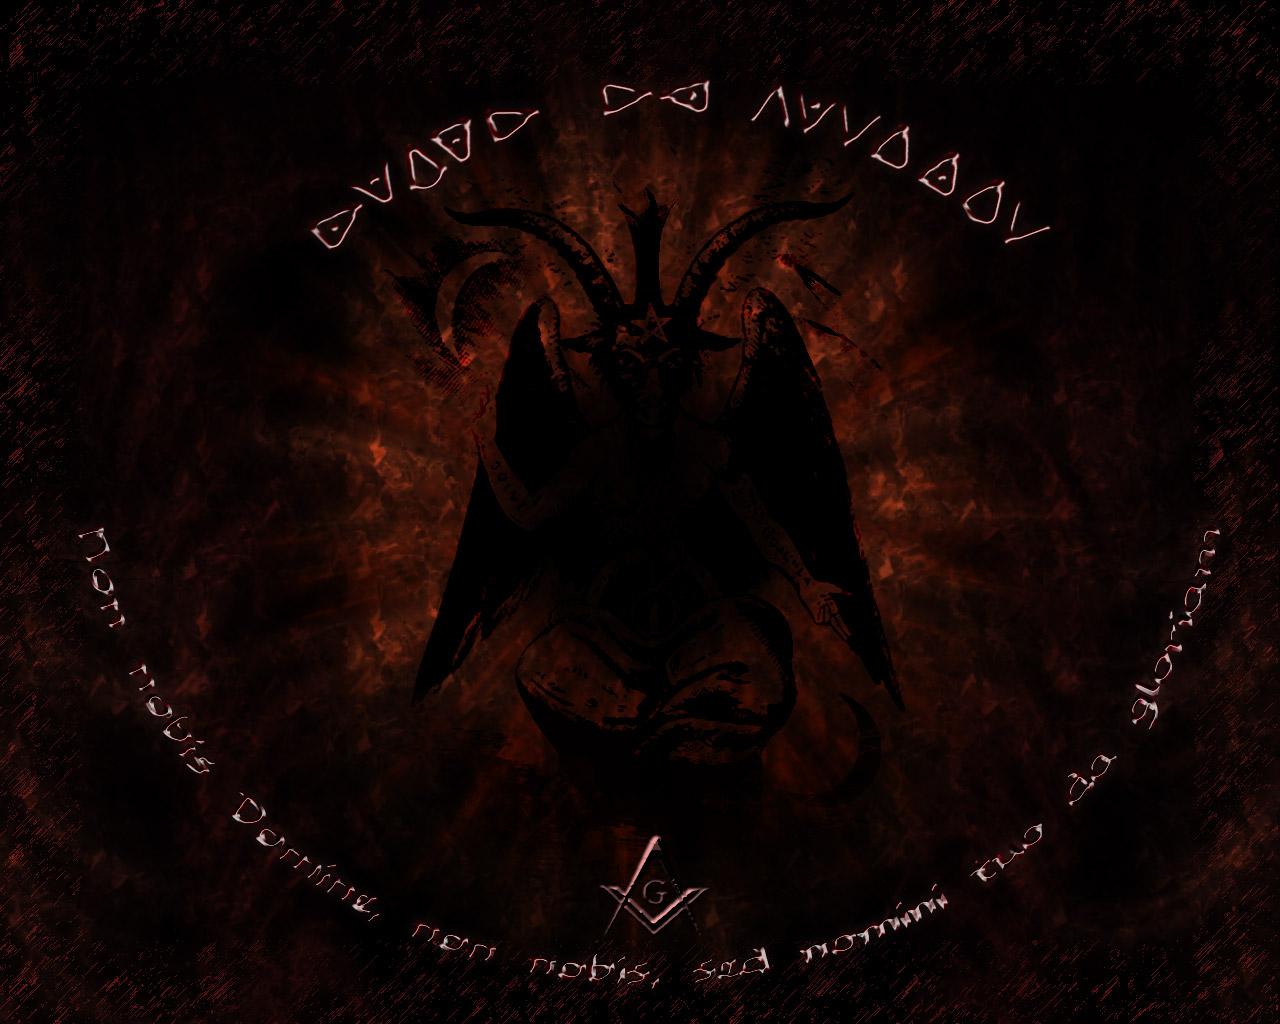 Occult Symbols Wallpaper Dark occult wallpaper 1280x1024